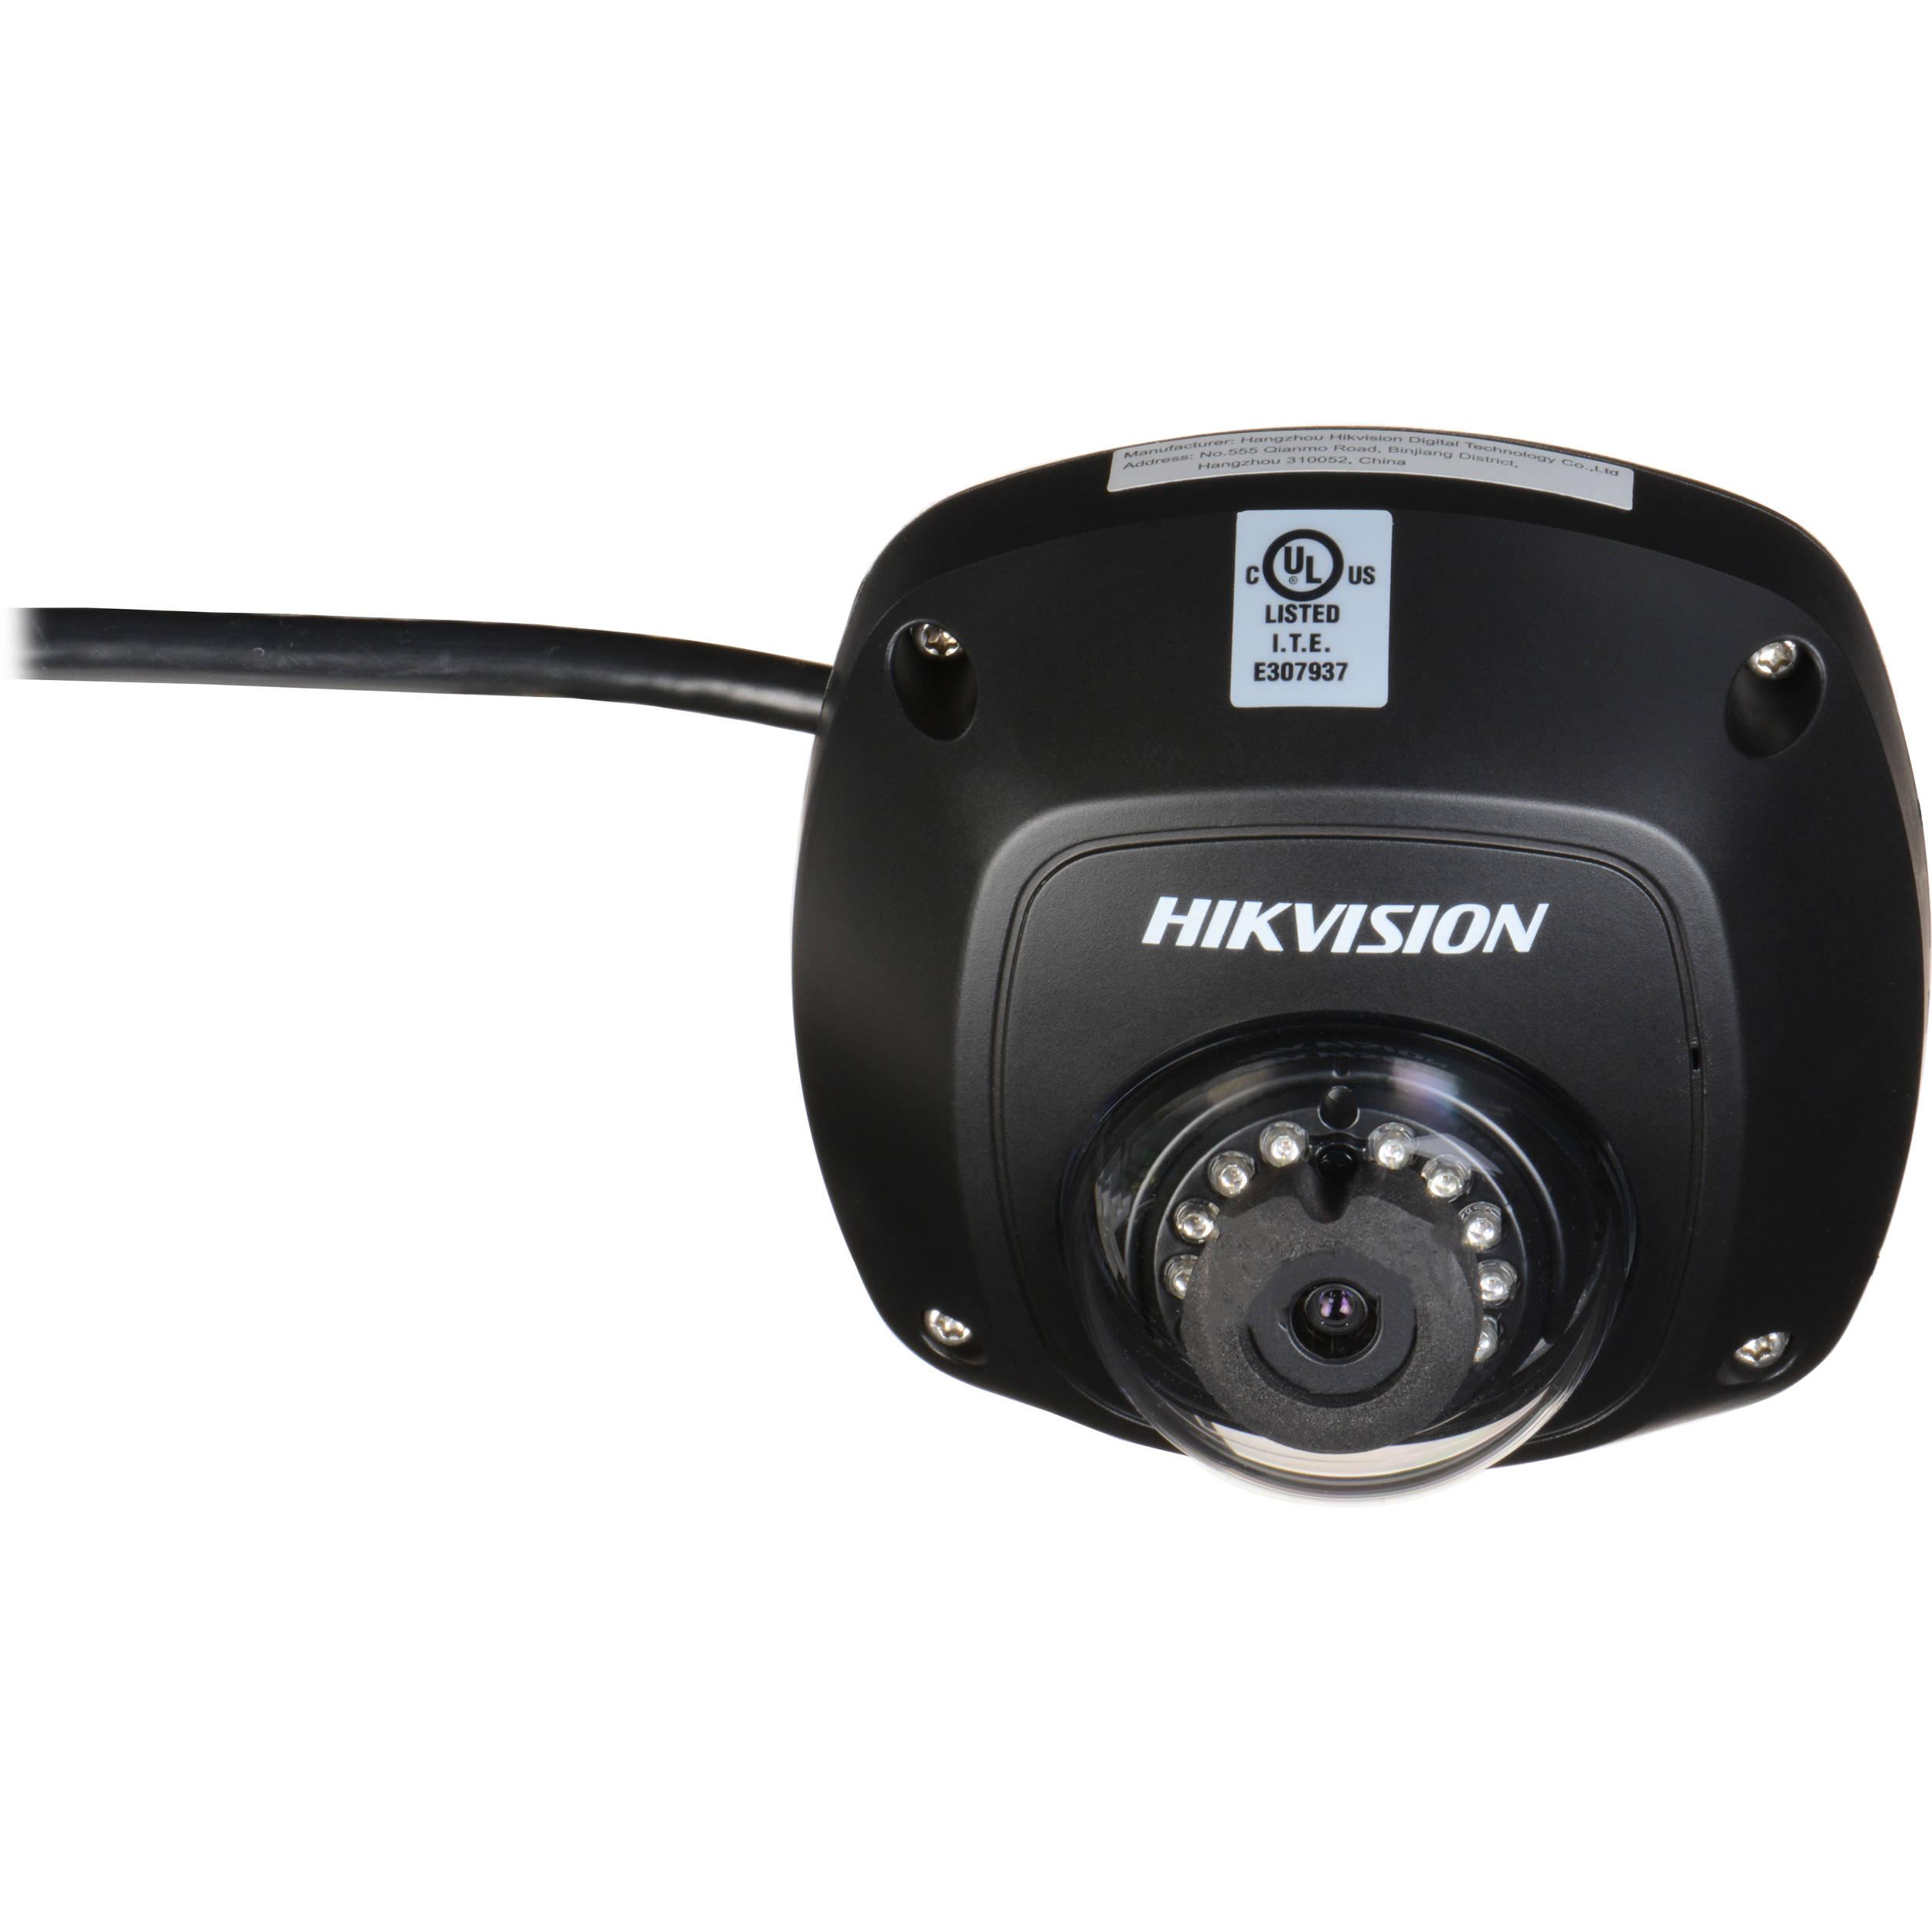 hikvision mini dome